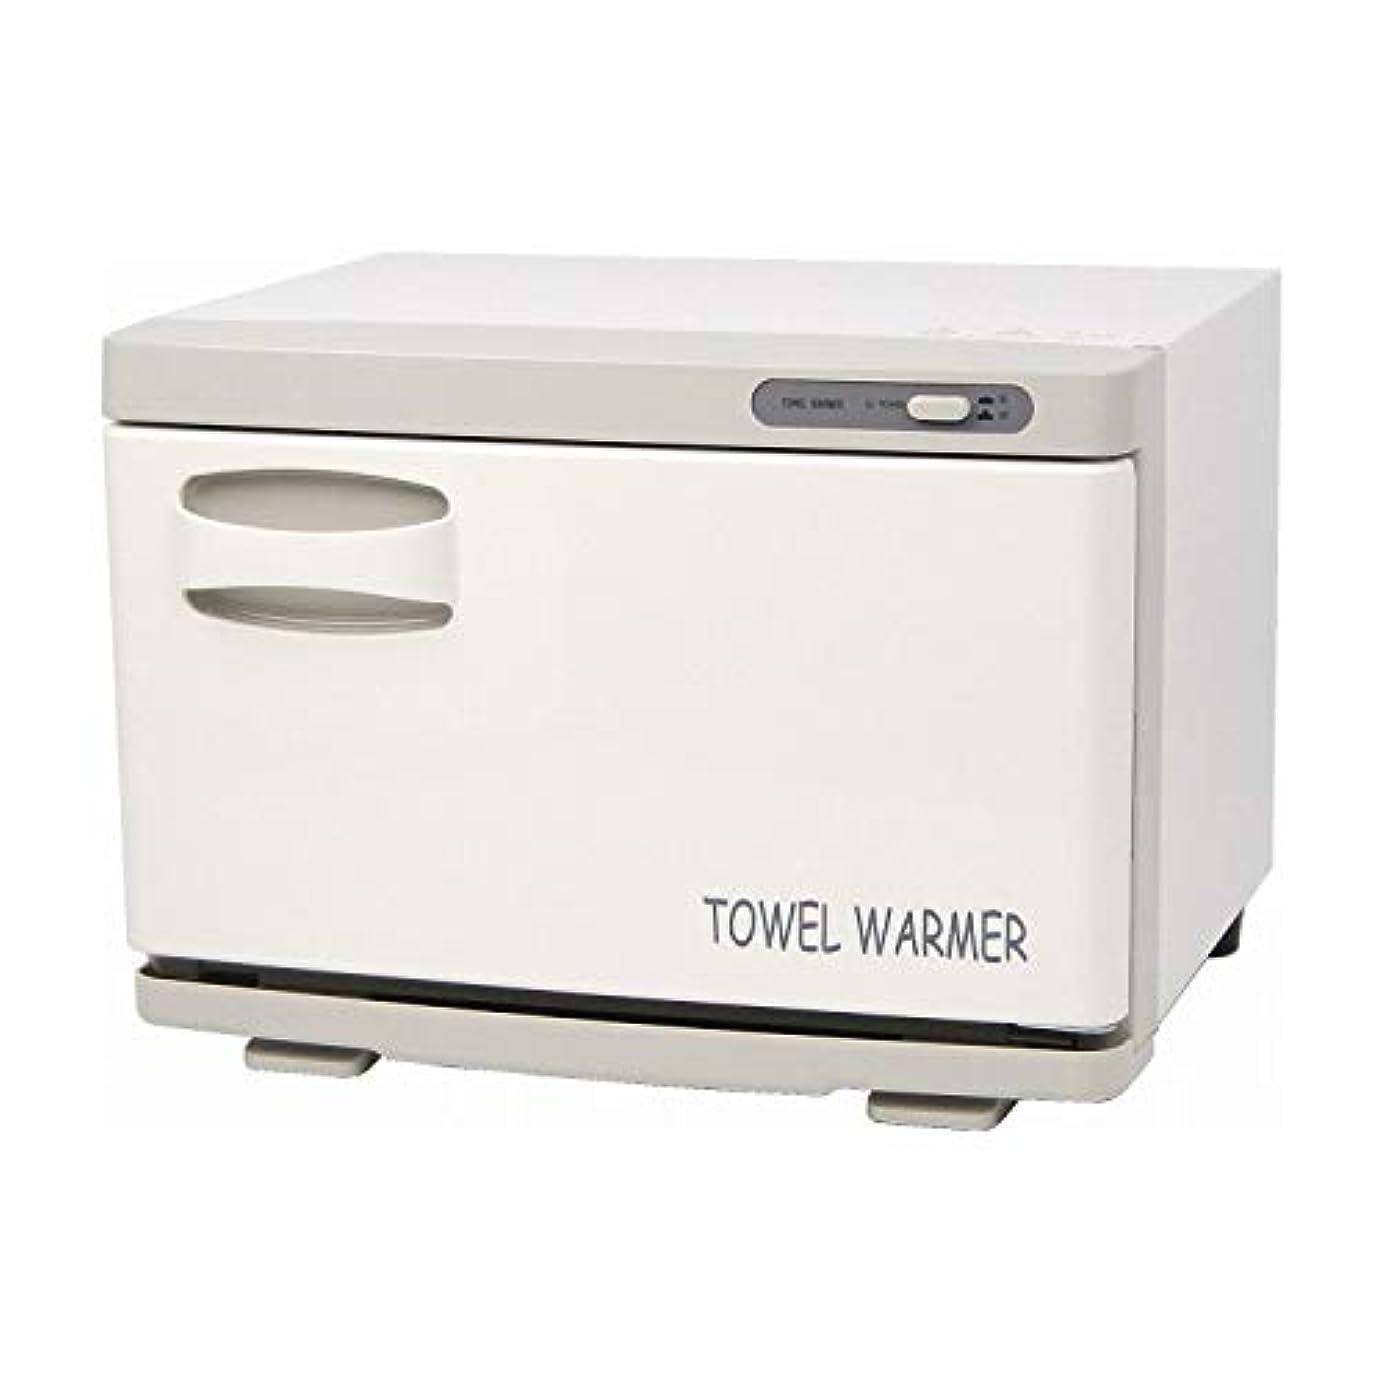 休戦ボウリング援助するタオルウォーマー TW-12F[ホワイト前開き]新品 おしぼり蒸し器 おしぼりウォーマー ホットウォーマー タオル蒸し器 タオルウオーマー ホットボックス